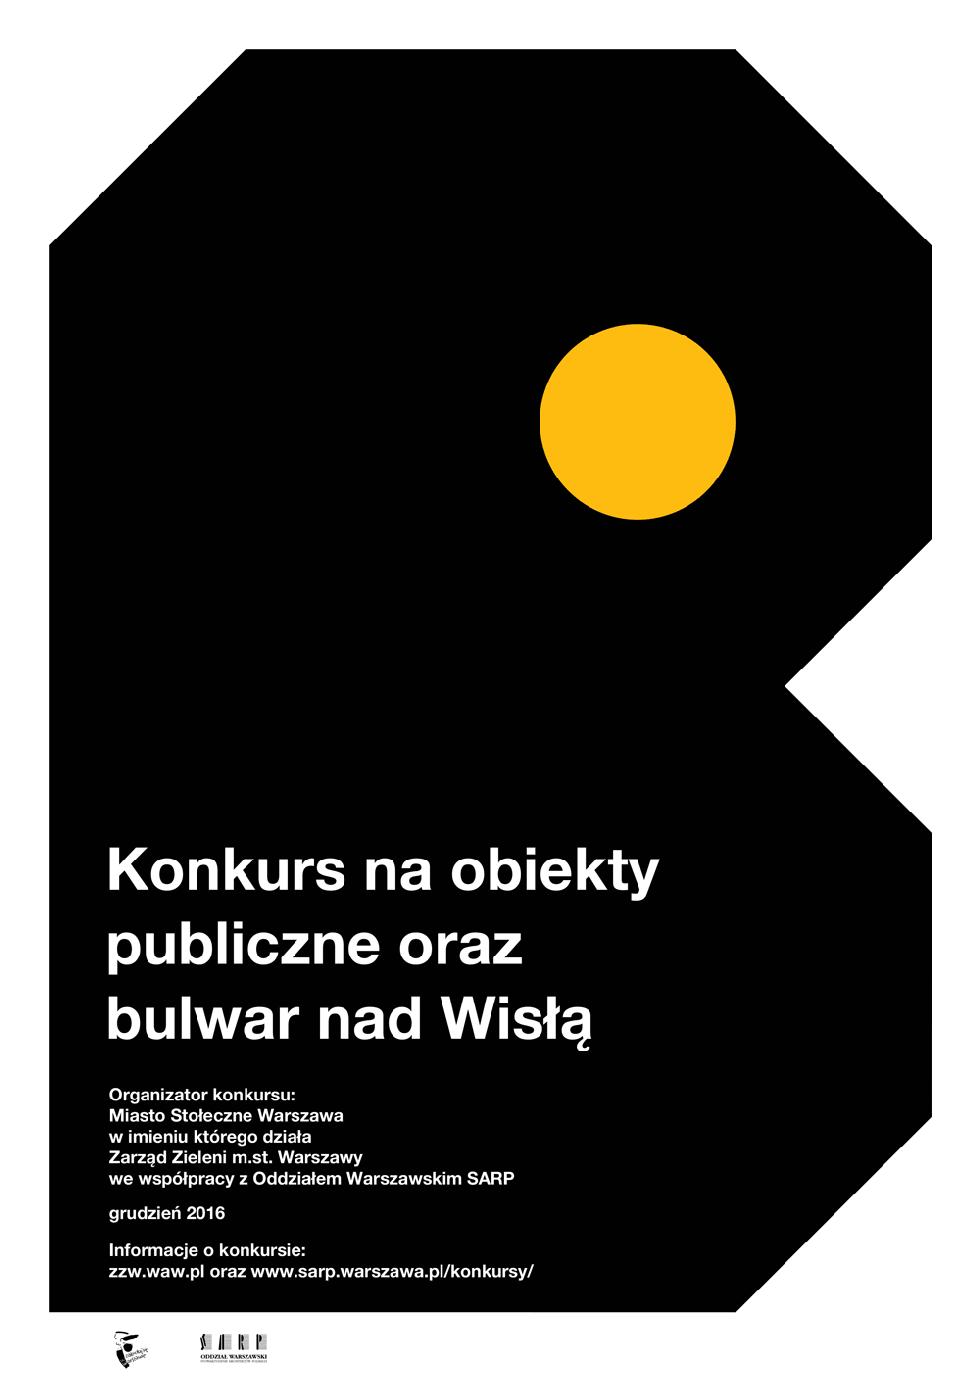 Konkurs architektoniczny na projekt kolejnego odcinka bulwarów w Warszawie